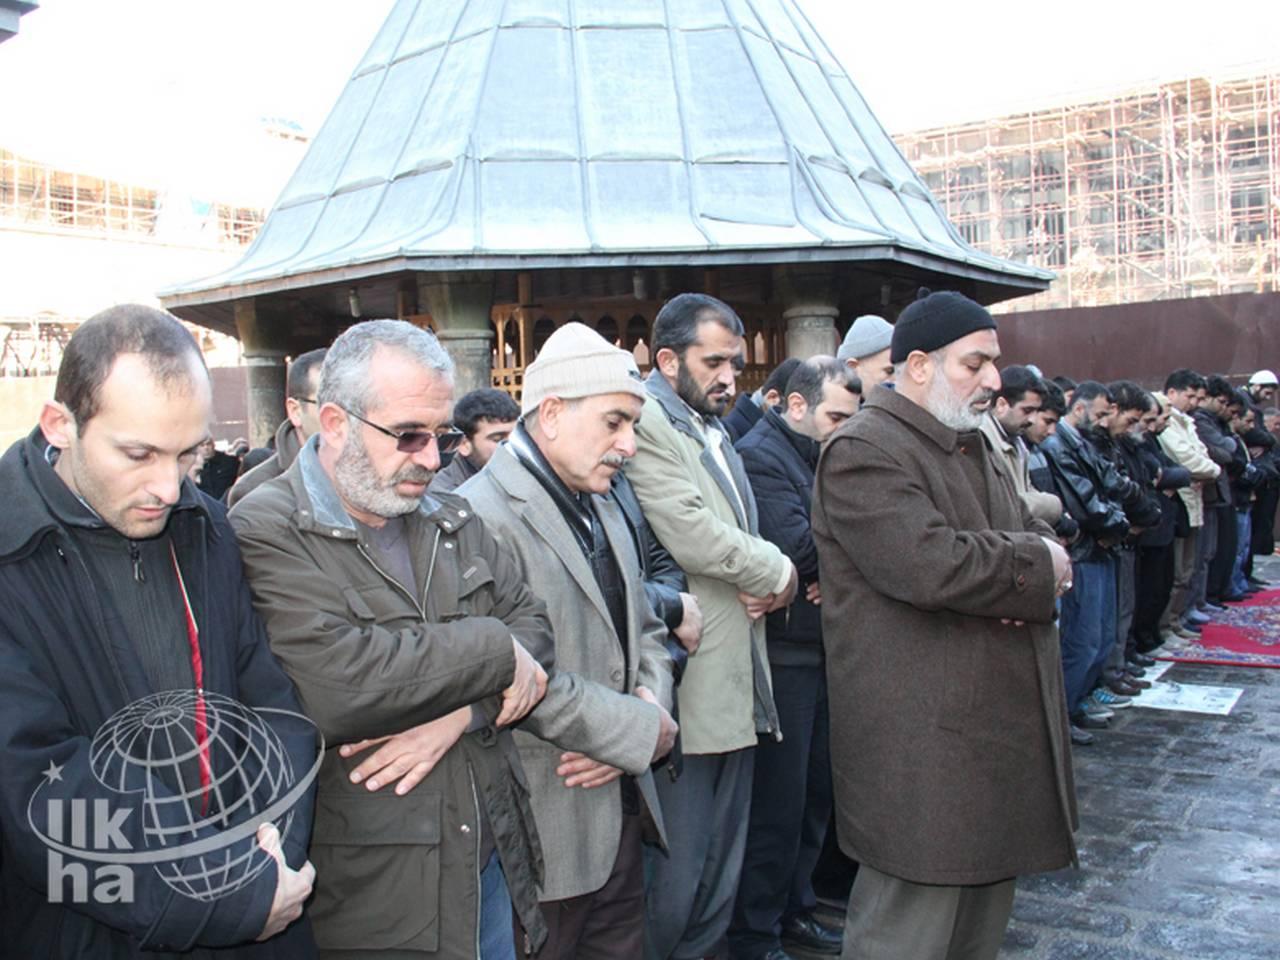 Katledilenler için Gıyabi Cenaze Namazı Kılındı